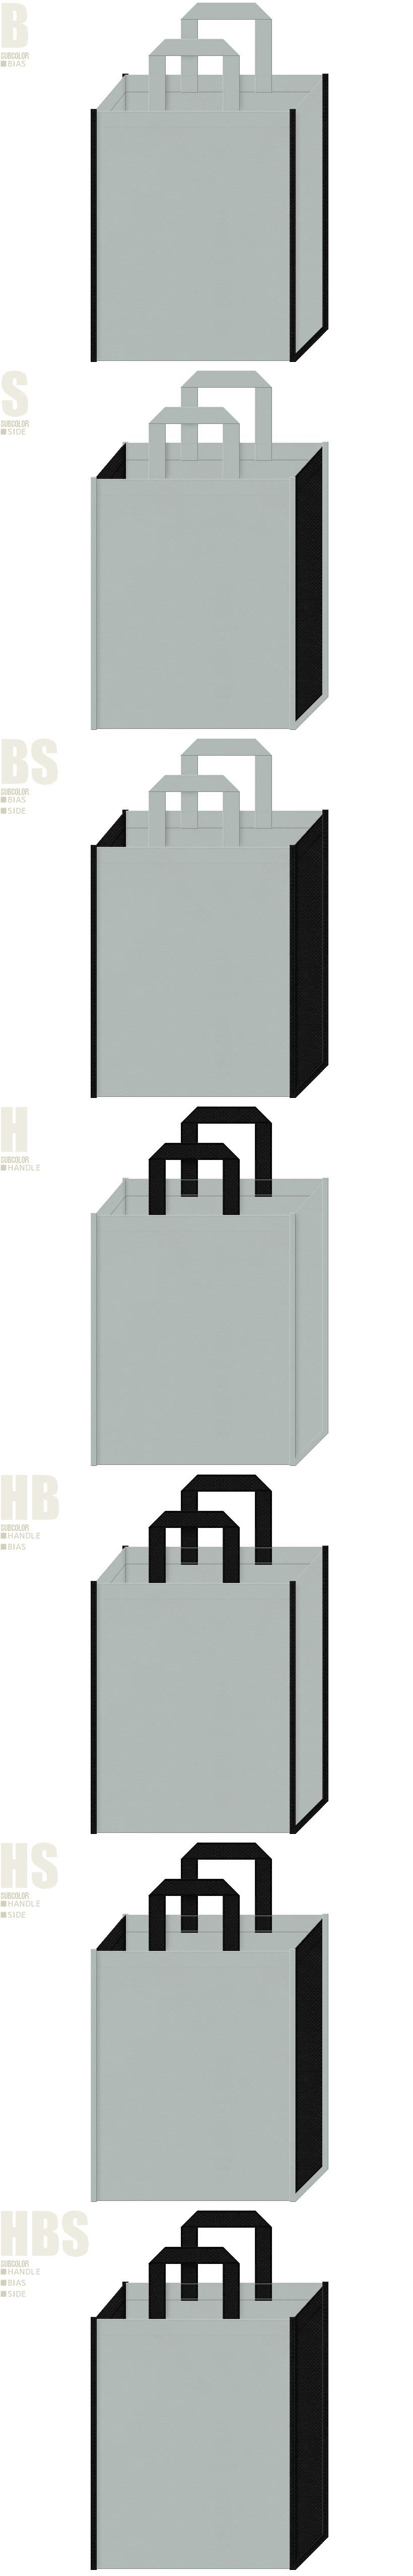 紋付羽織袴・和装・礼服・建築・設計・工具・機械・文具・盾・矛・鎧・剣・ゲームのイベント・タイヤ・ホイール・カー用品の展示会用バッグにお奨めの不織布バッグデザイン:グレー色と黒色の配色7パターン